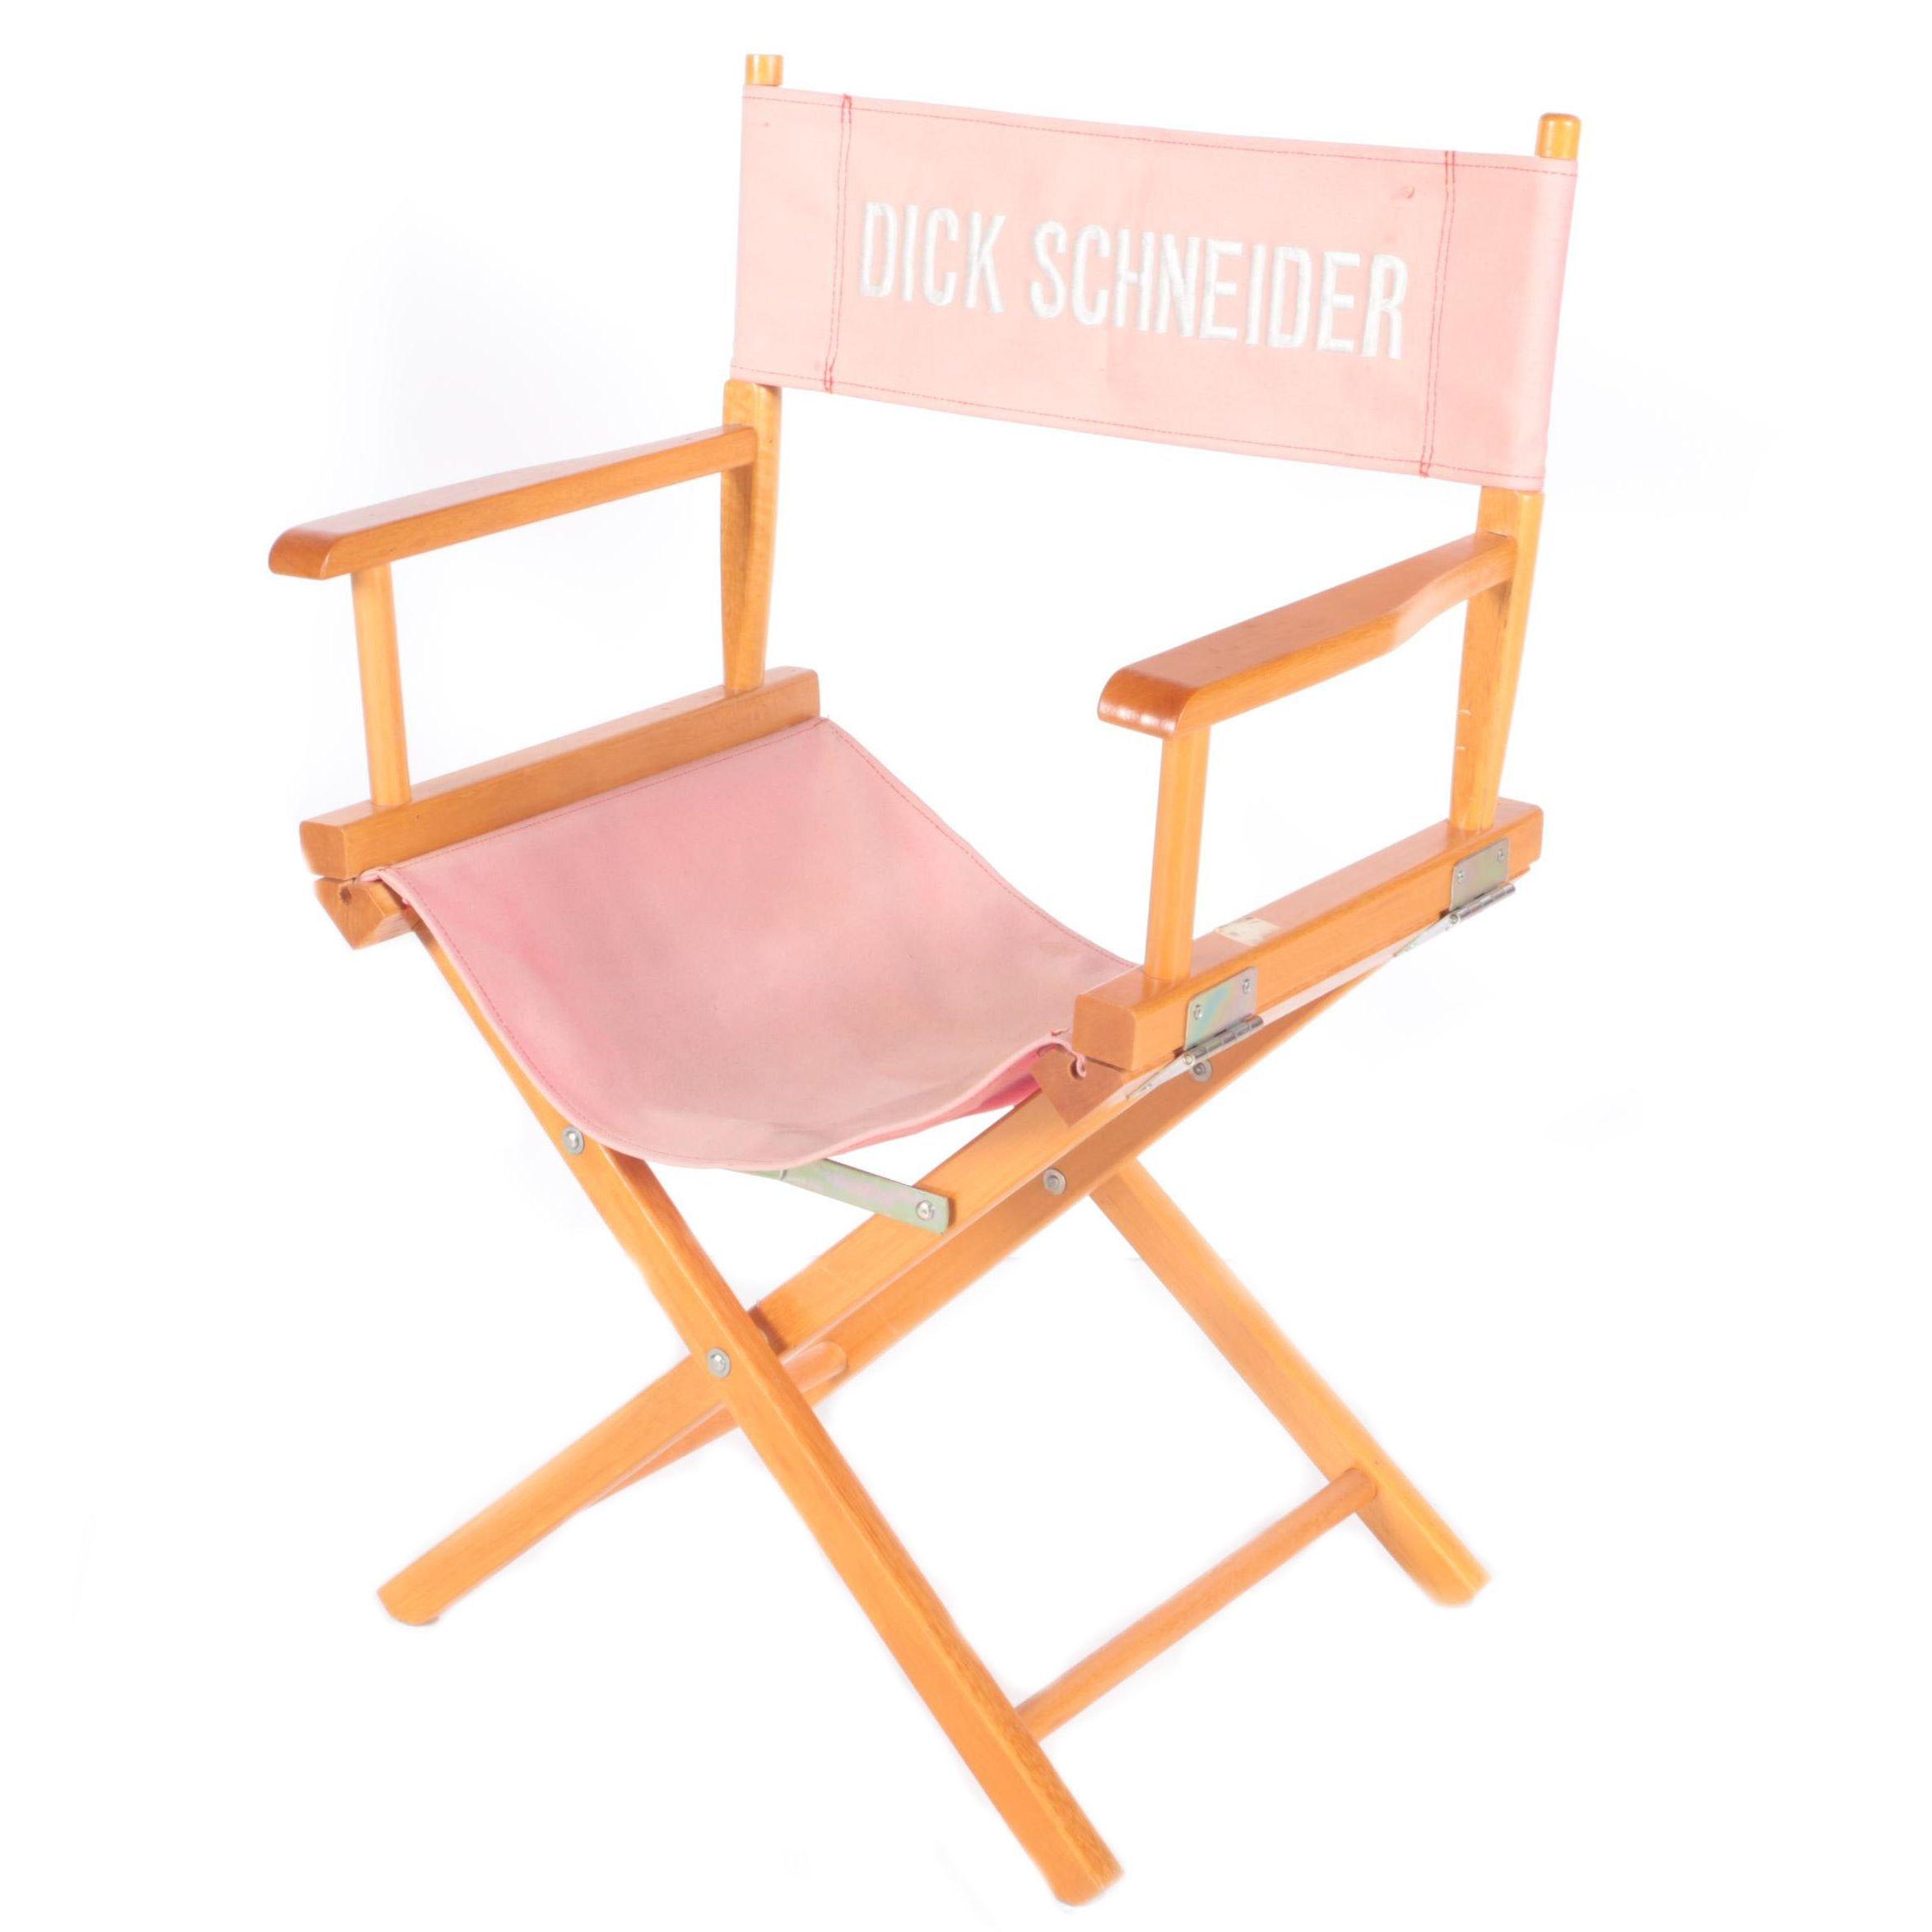 Directors Chair Belonging to Dick Schneider